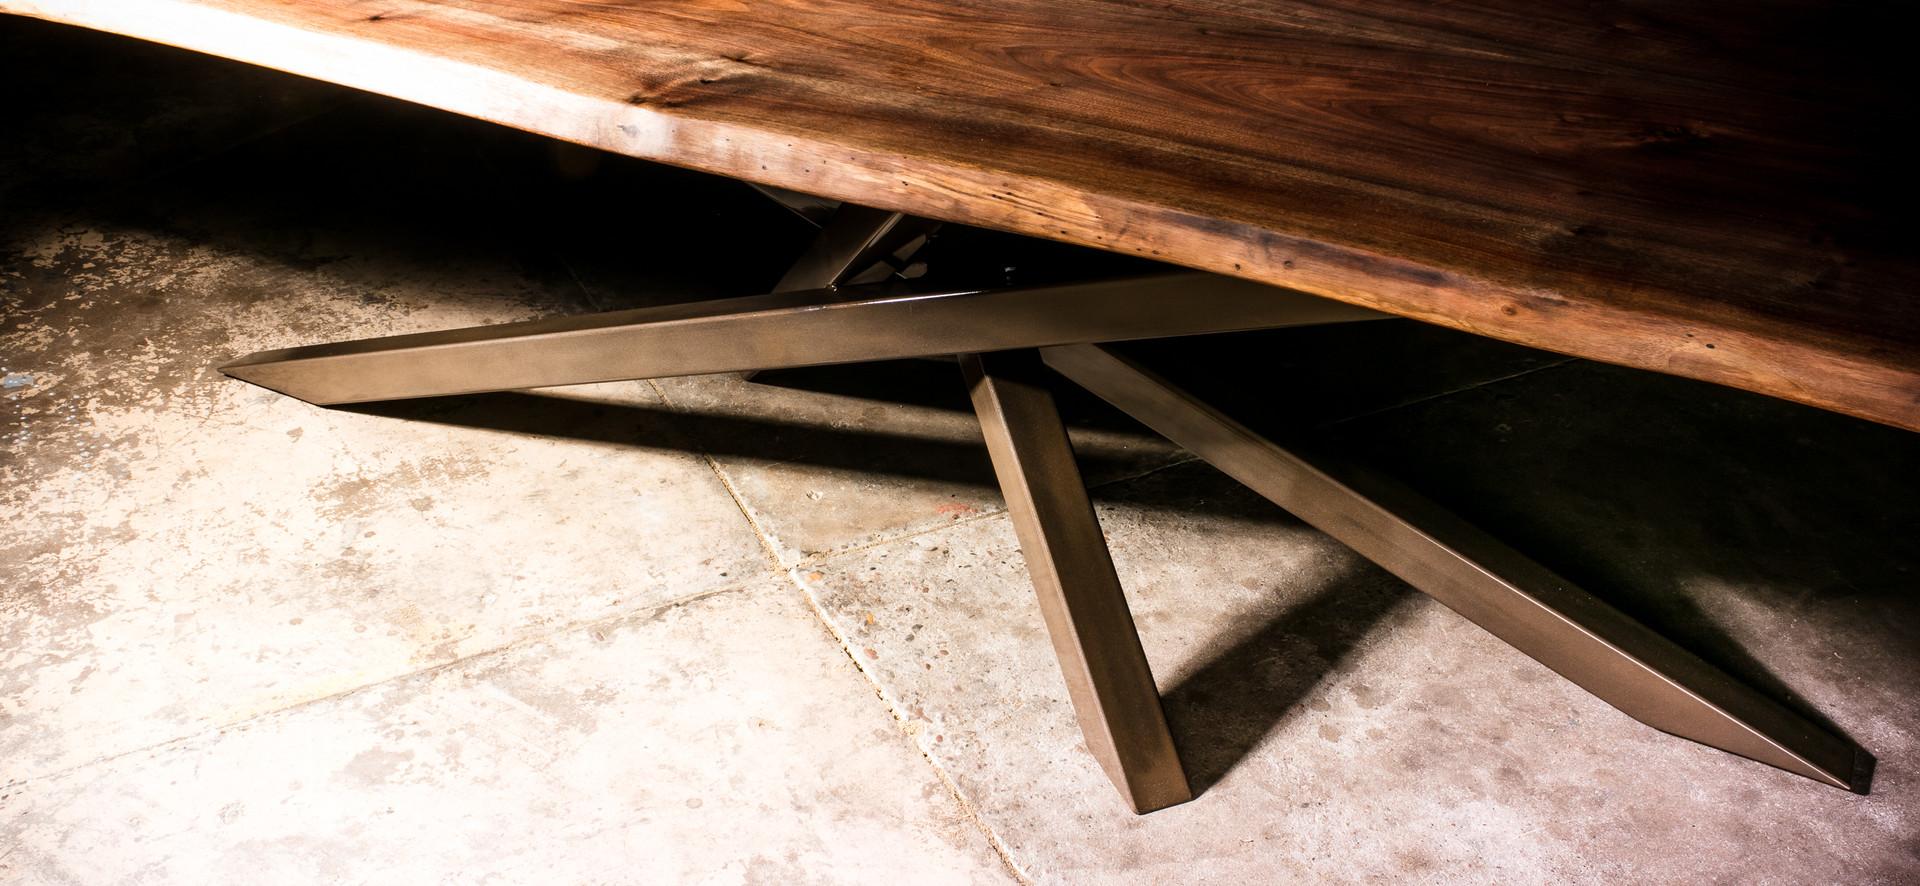 Bronzed Steel Cluster Pedestal Base for Live Edge Walnut Table